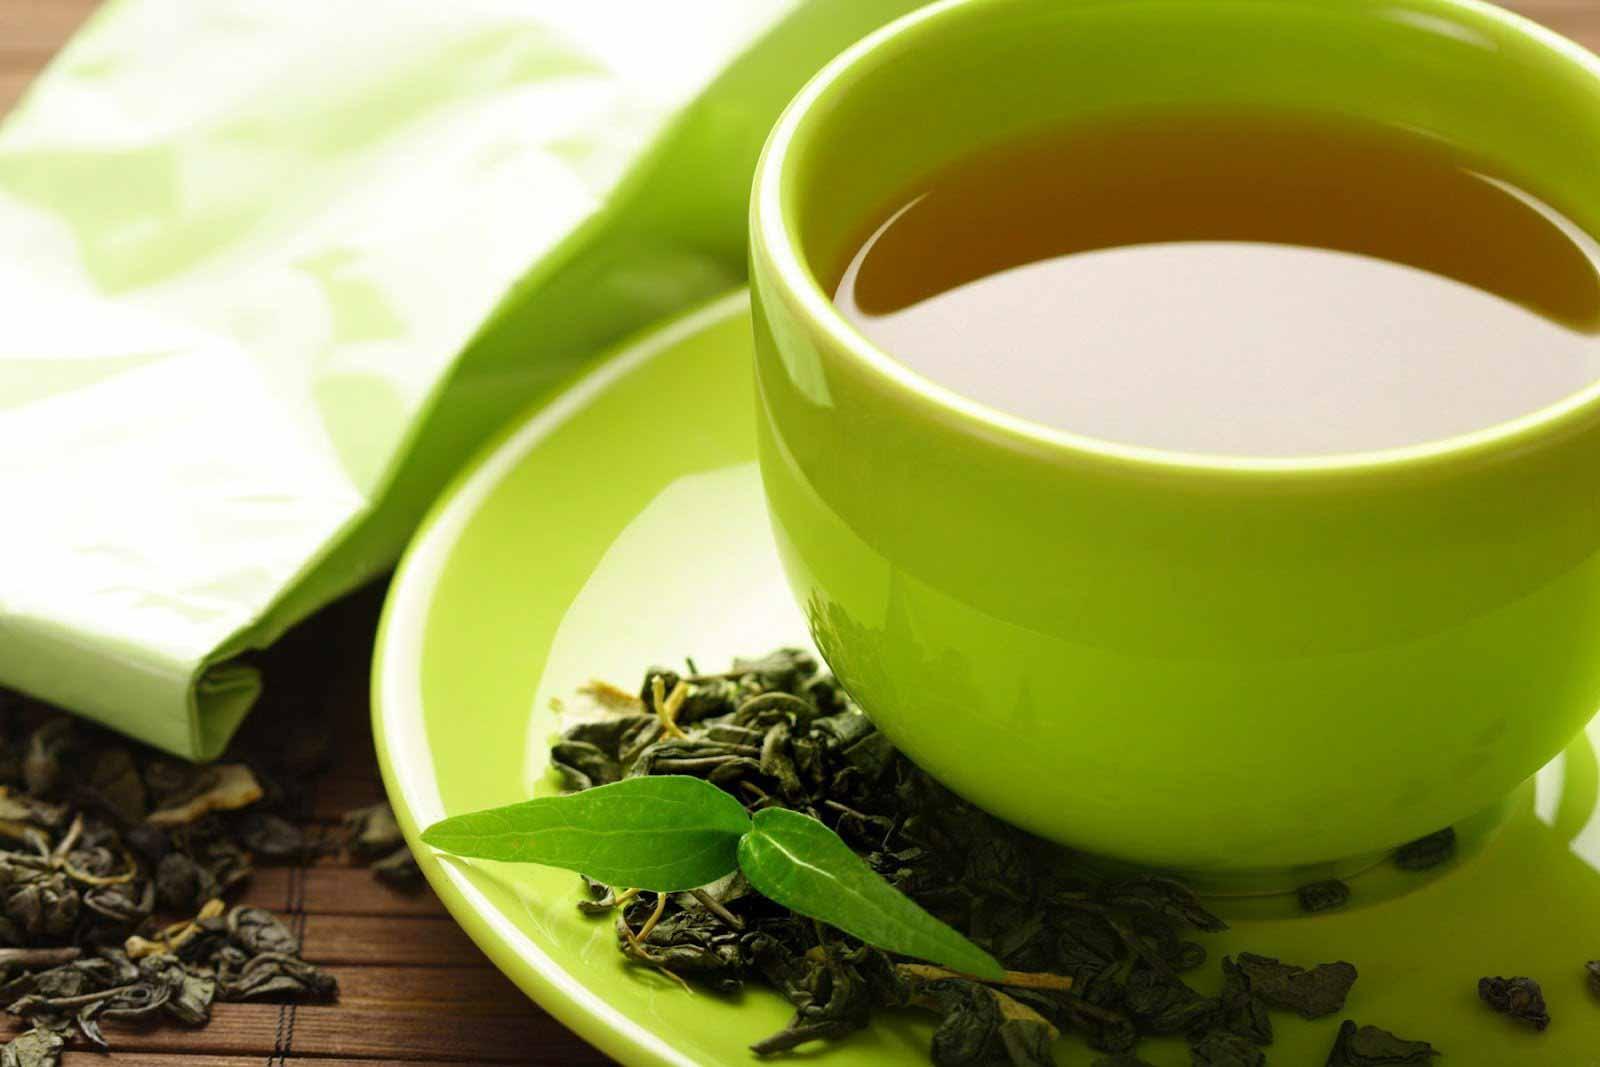 Косметологи рекомендуют пить зеленый чай для омоложения